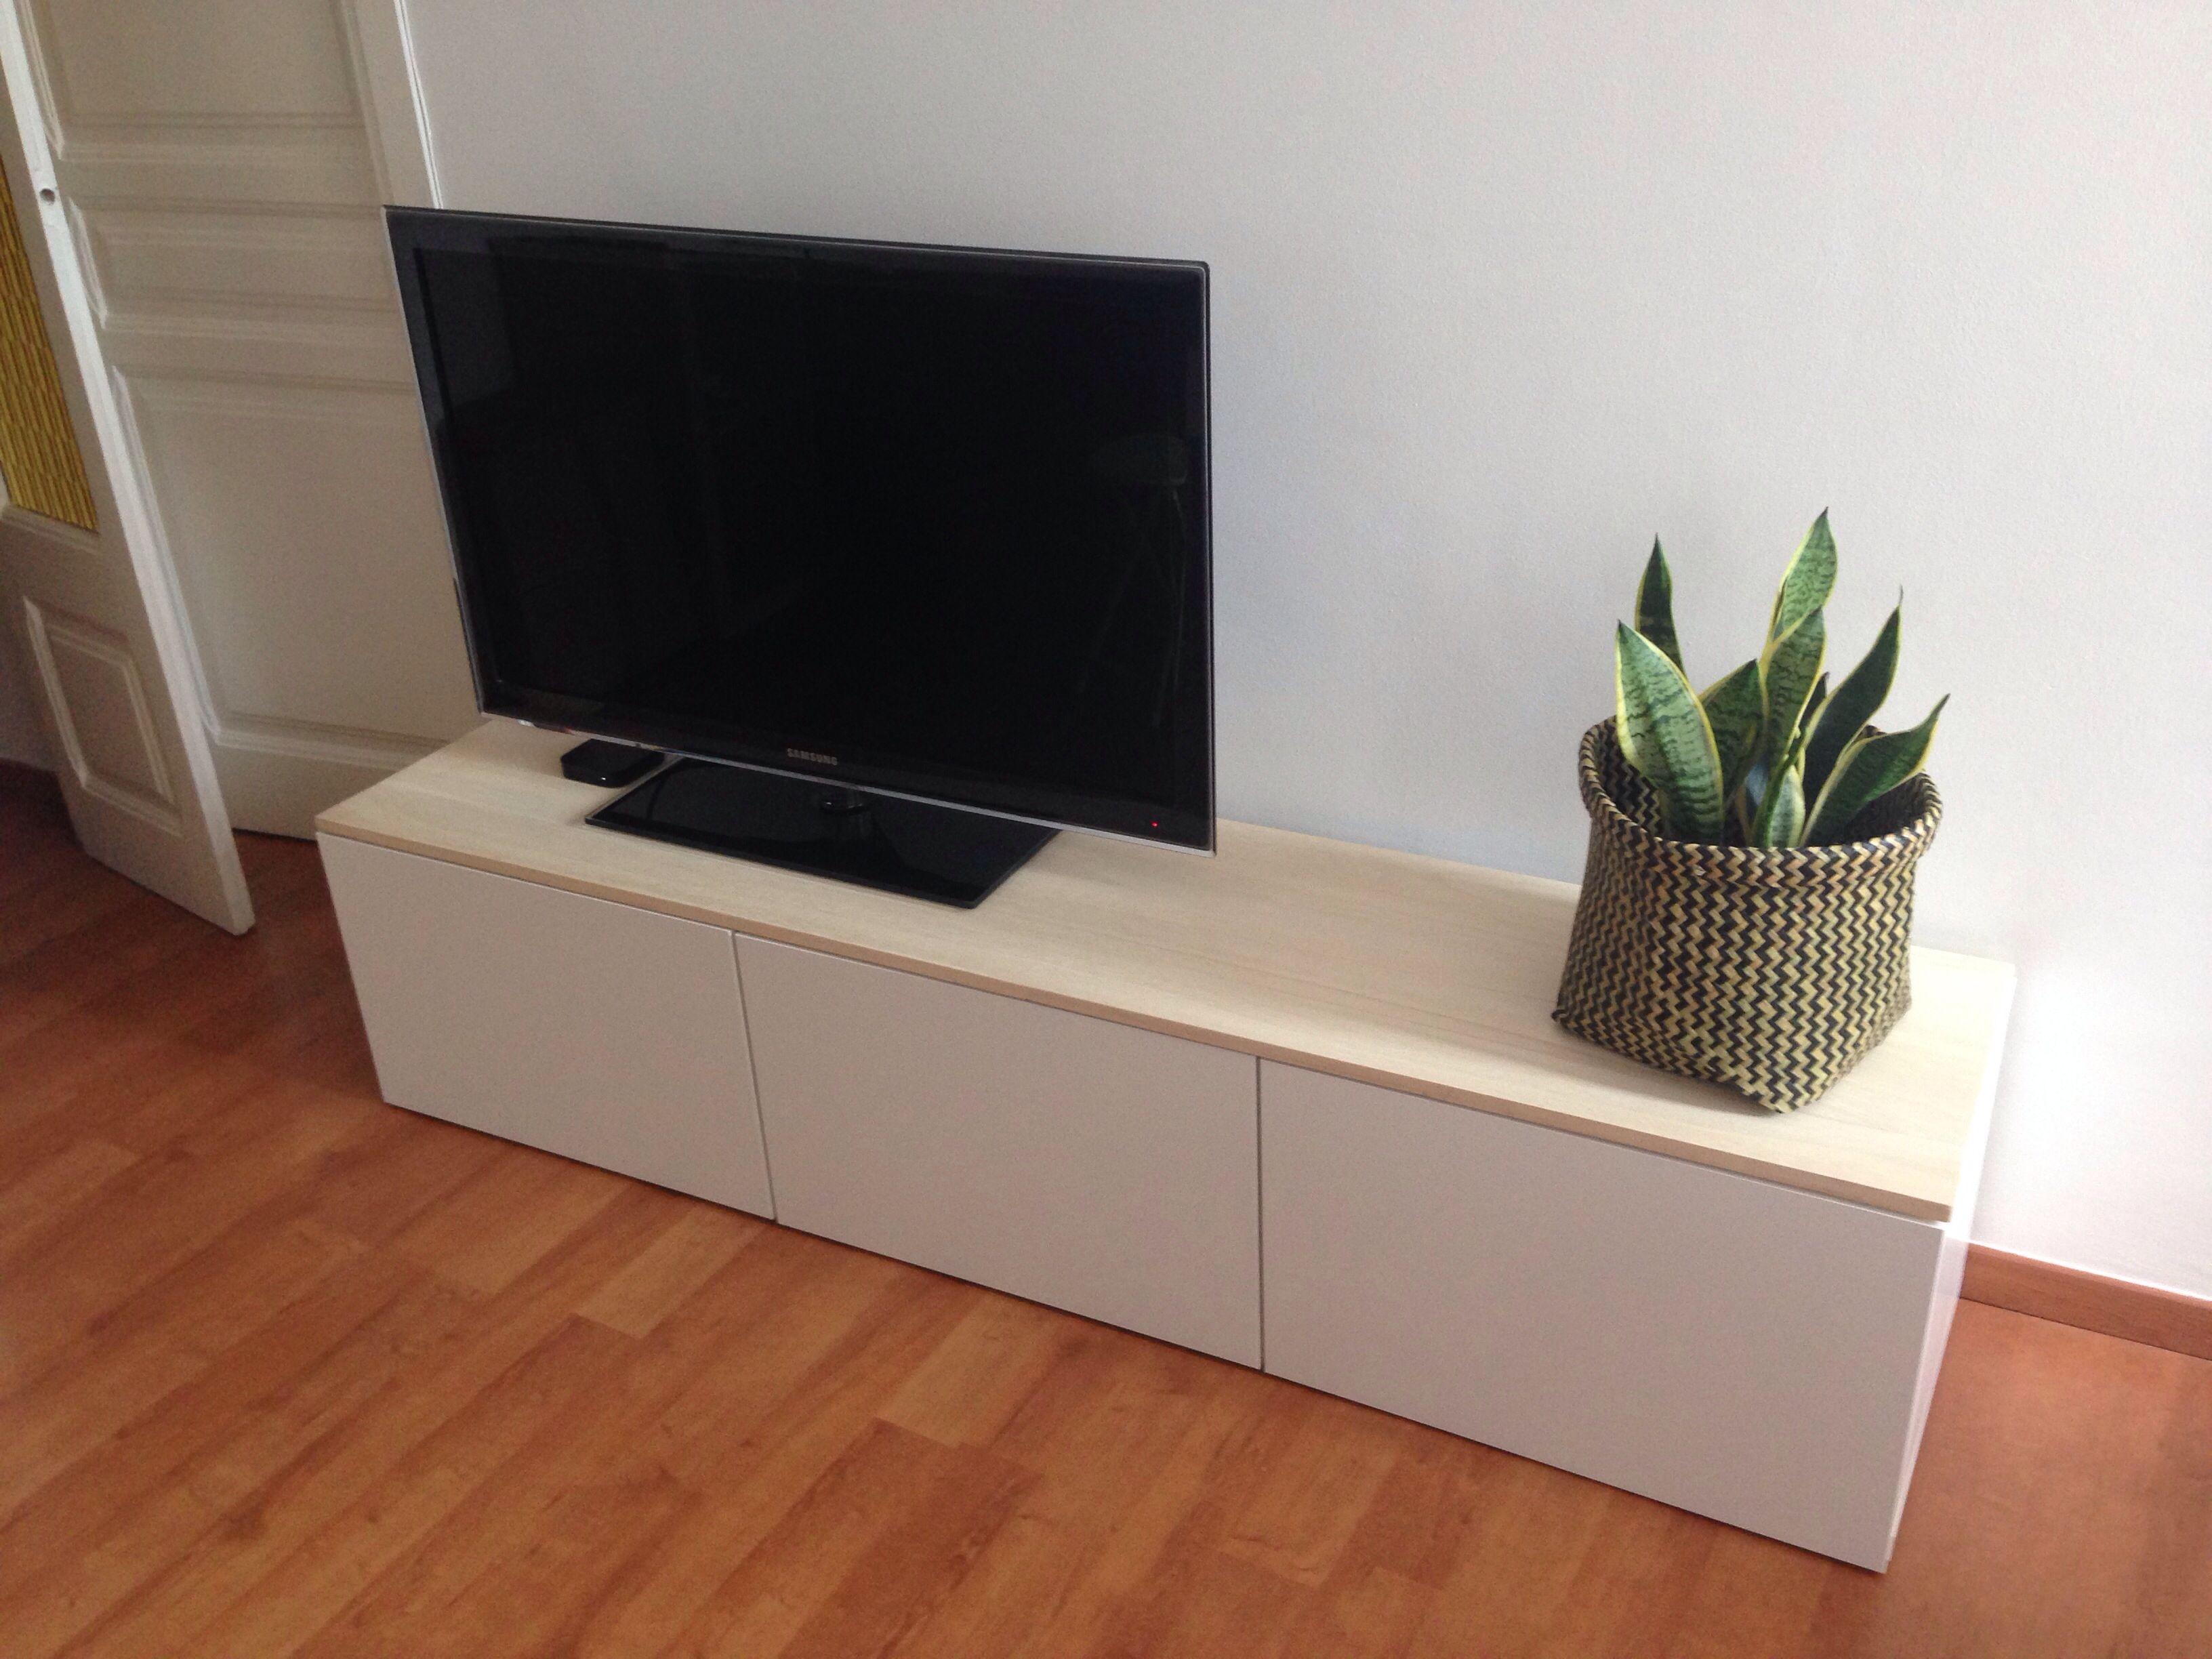 Mueble TV Besta Blanco de Ikea Decorado con tabln de madera de pino  Decor  Pinterest